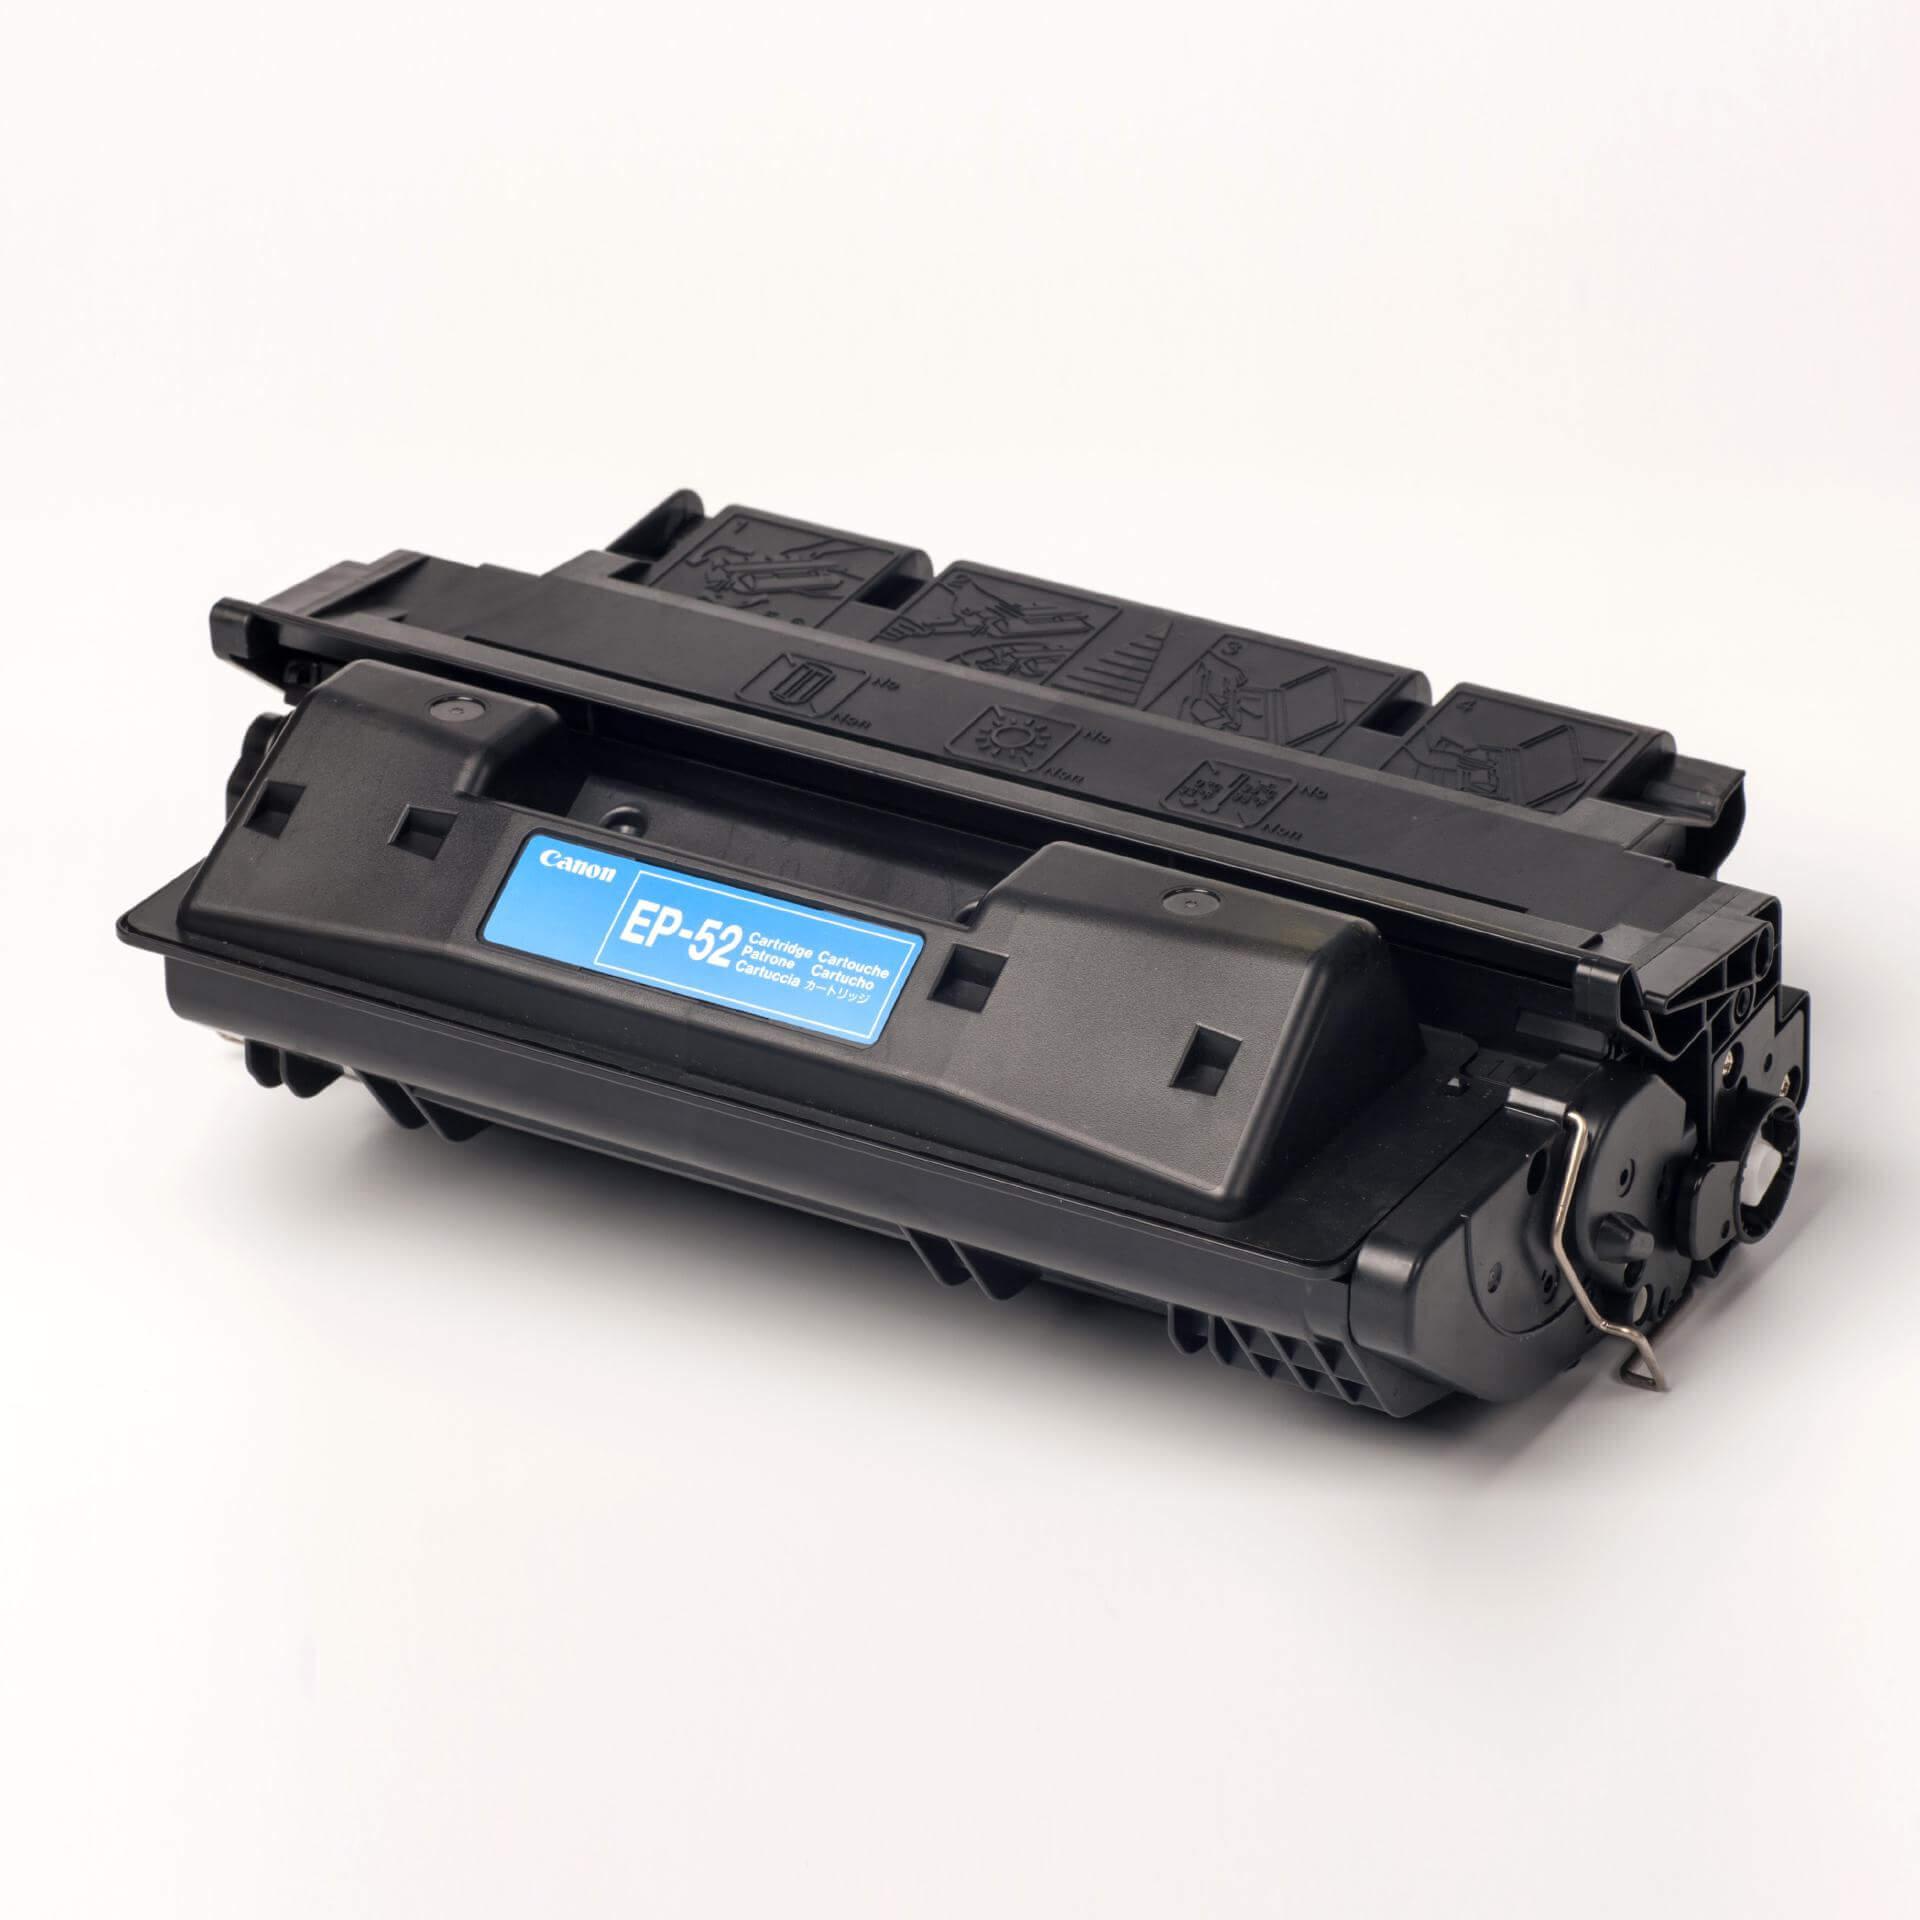 Auf dem Bild sehen Sie eine Canon 3839A003 EP-52 Original Tonerkartusche schwarz